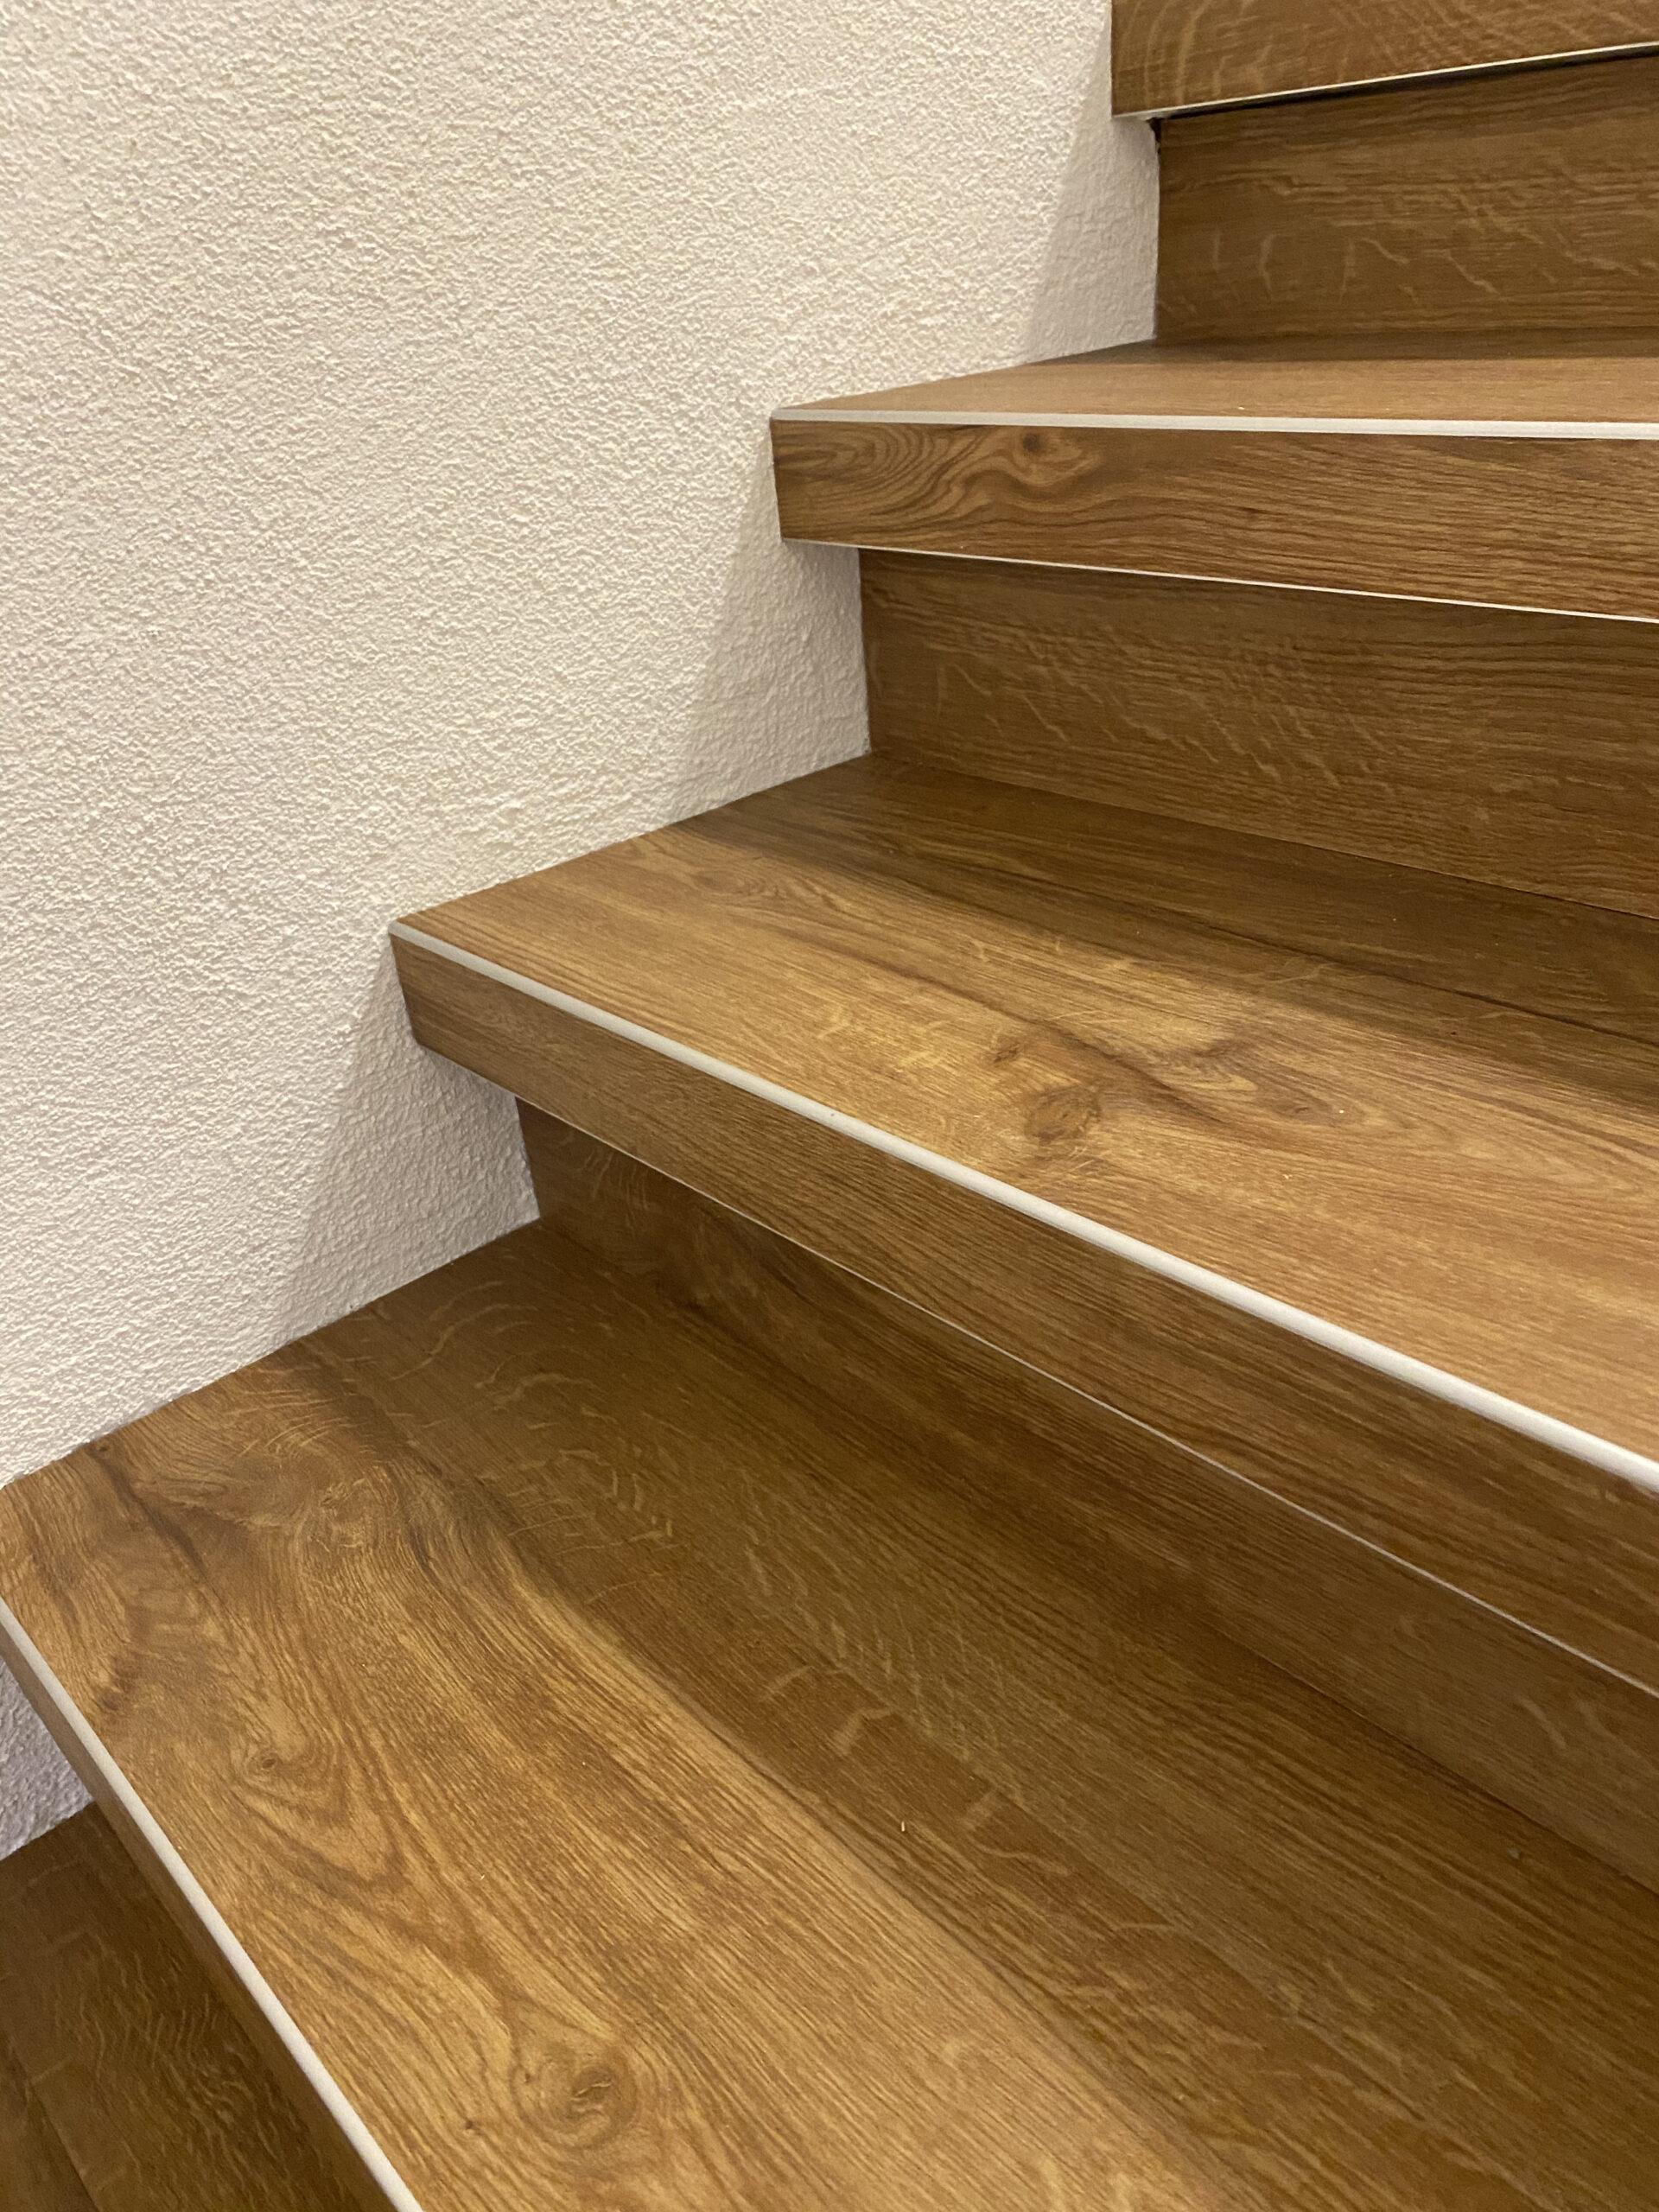 Treppenkante aus Aluminium | Barmetboden